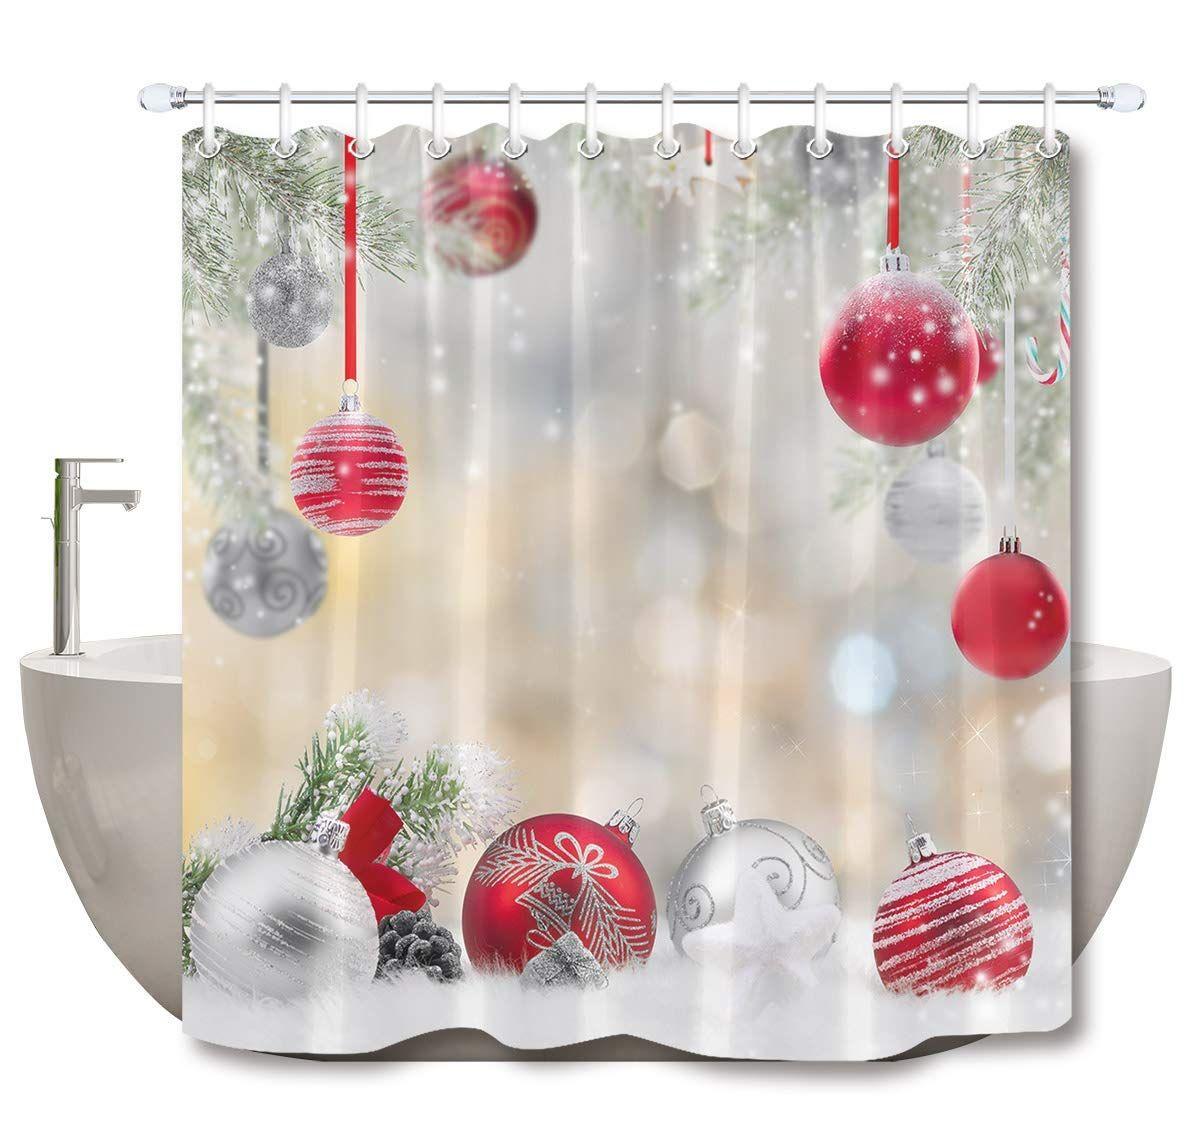 Lb Christmas Shower Curtain Set Cedar Snowflake Fashion Red